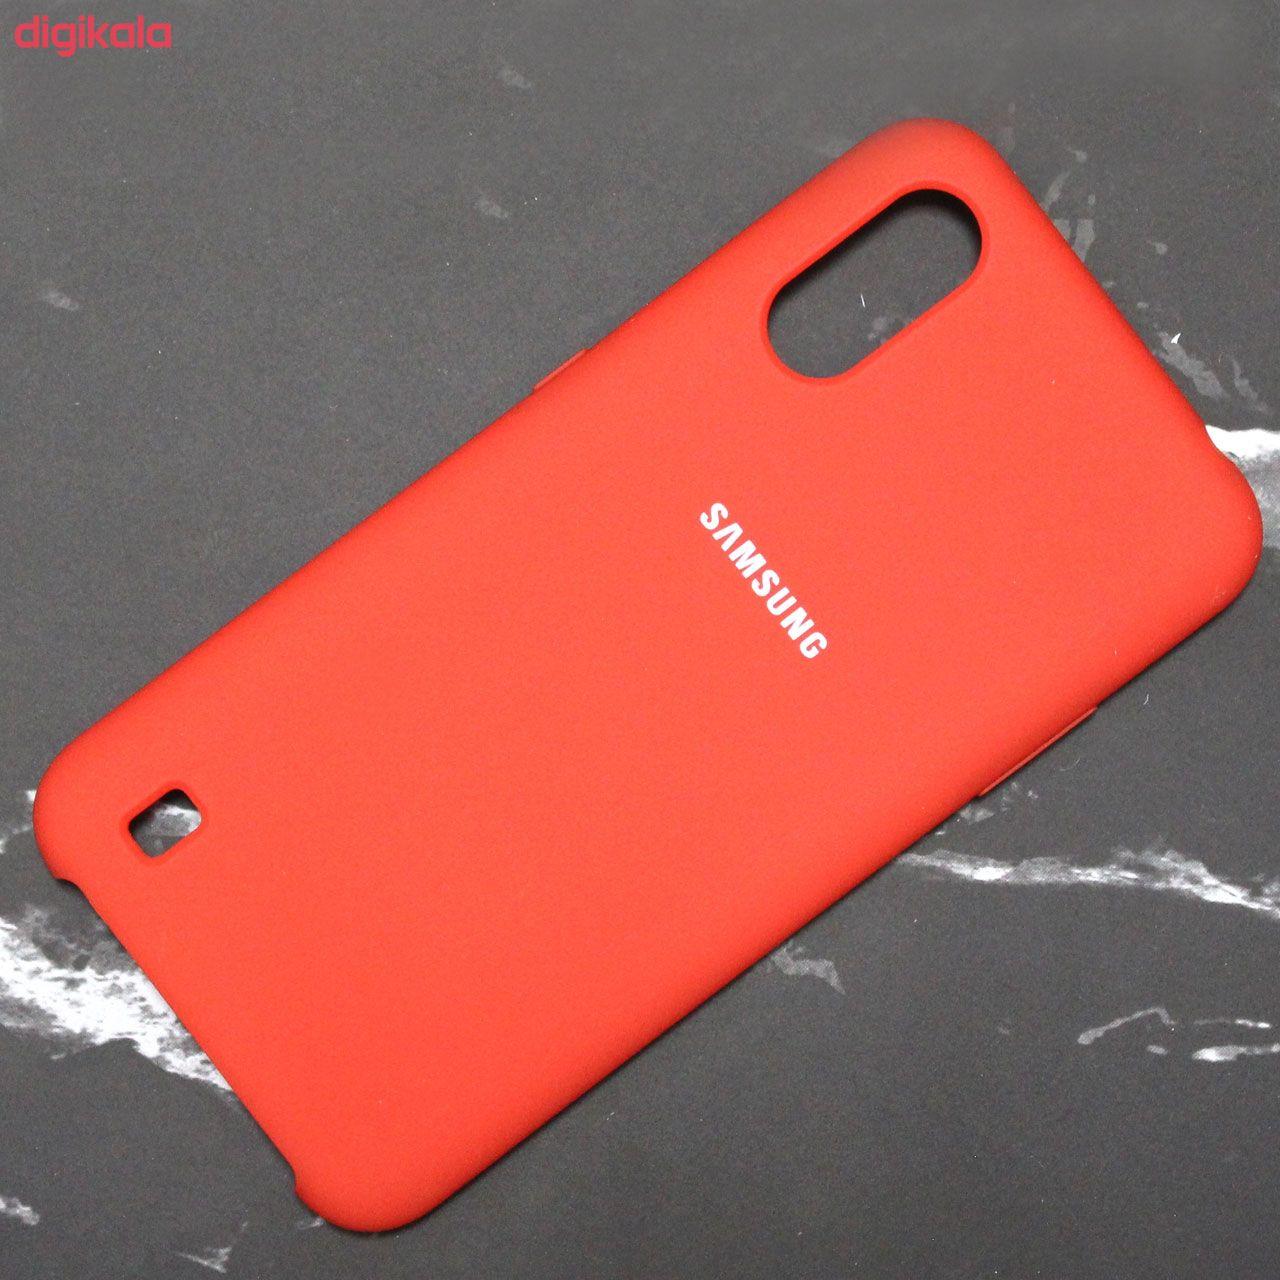 کاور مدل SLCN مناسب برای گوشی موبایل سامسونگ Galaxy A01 main 1 11